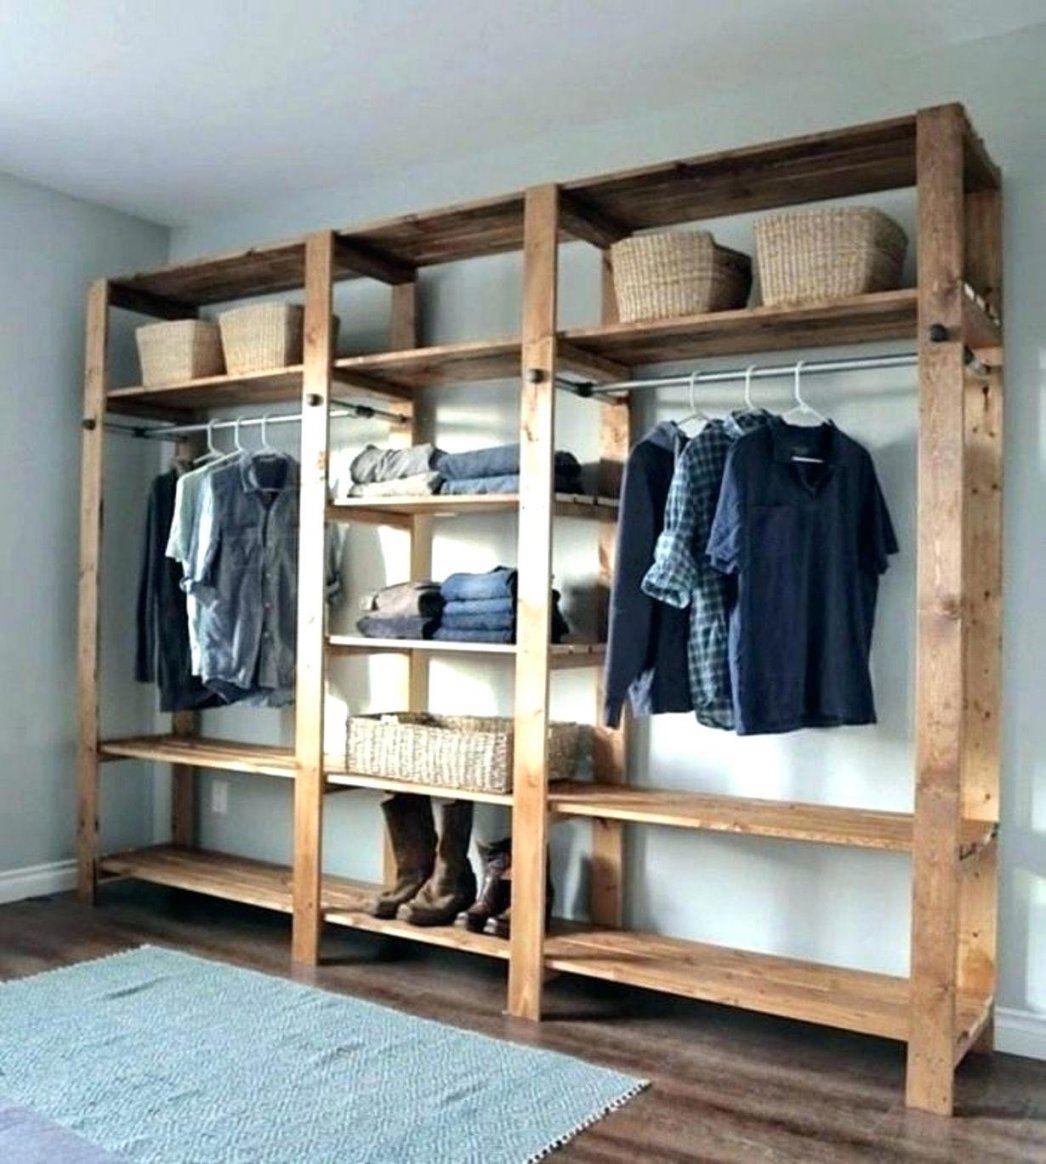 Ankleidezimmer Gestalten Cool Kleiderschrank Selbst Offener Ikea von Schrank Ideen Selber Machen Bild